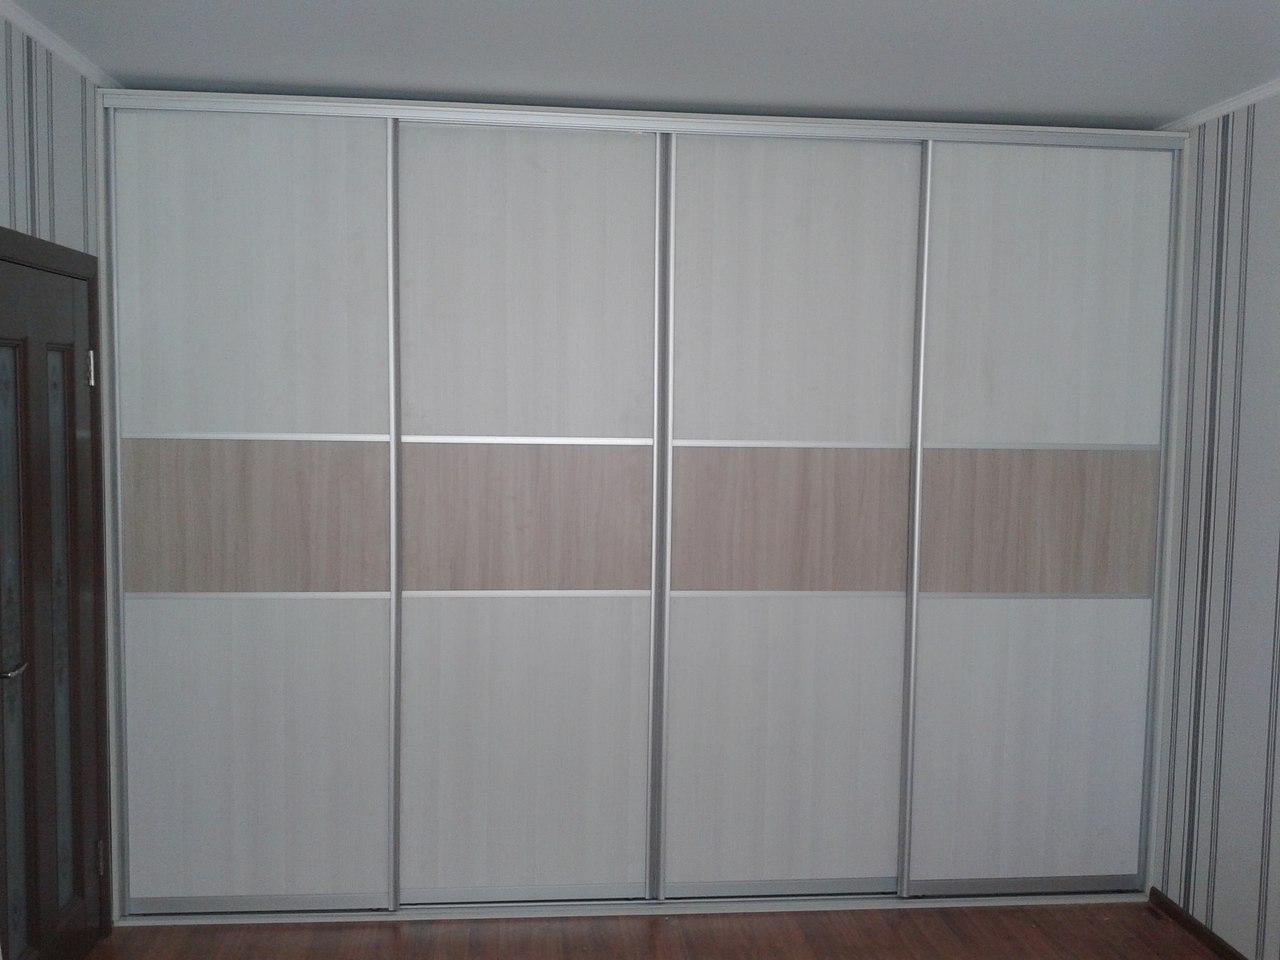 Встроенный шкаф-купе с четырьмя отсеками